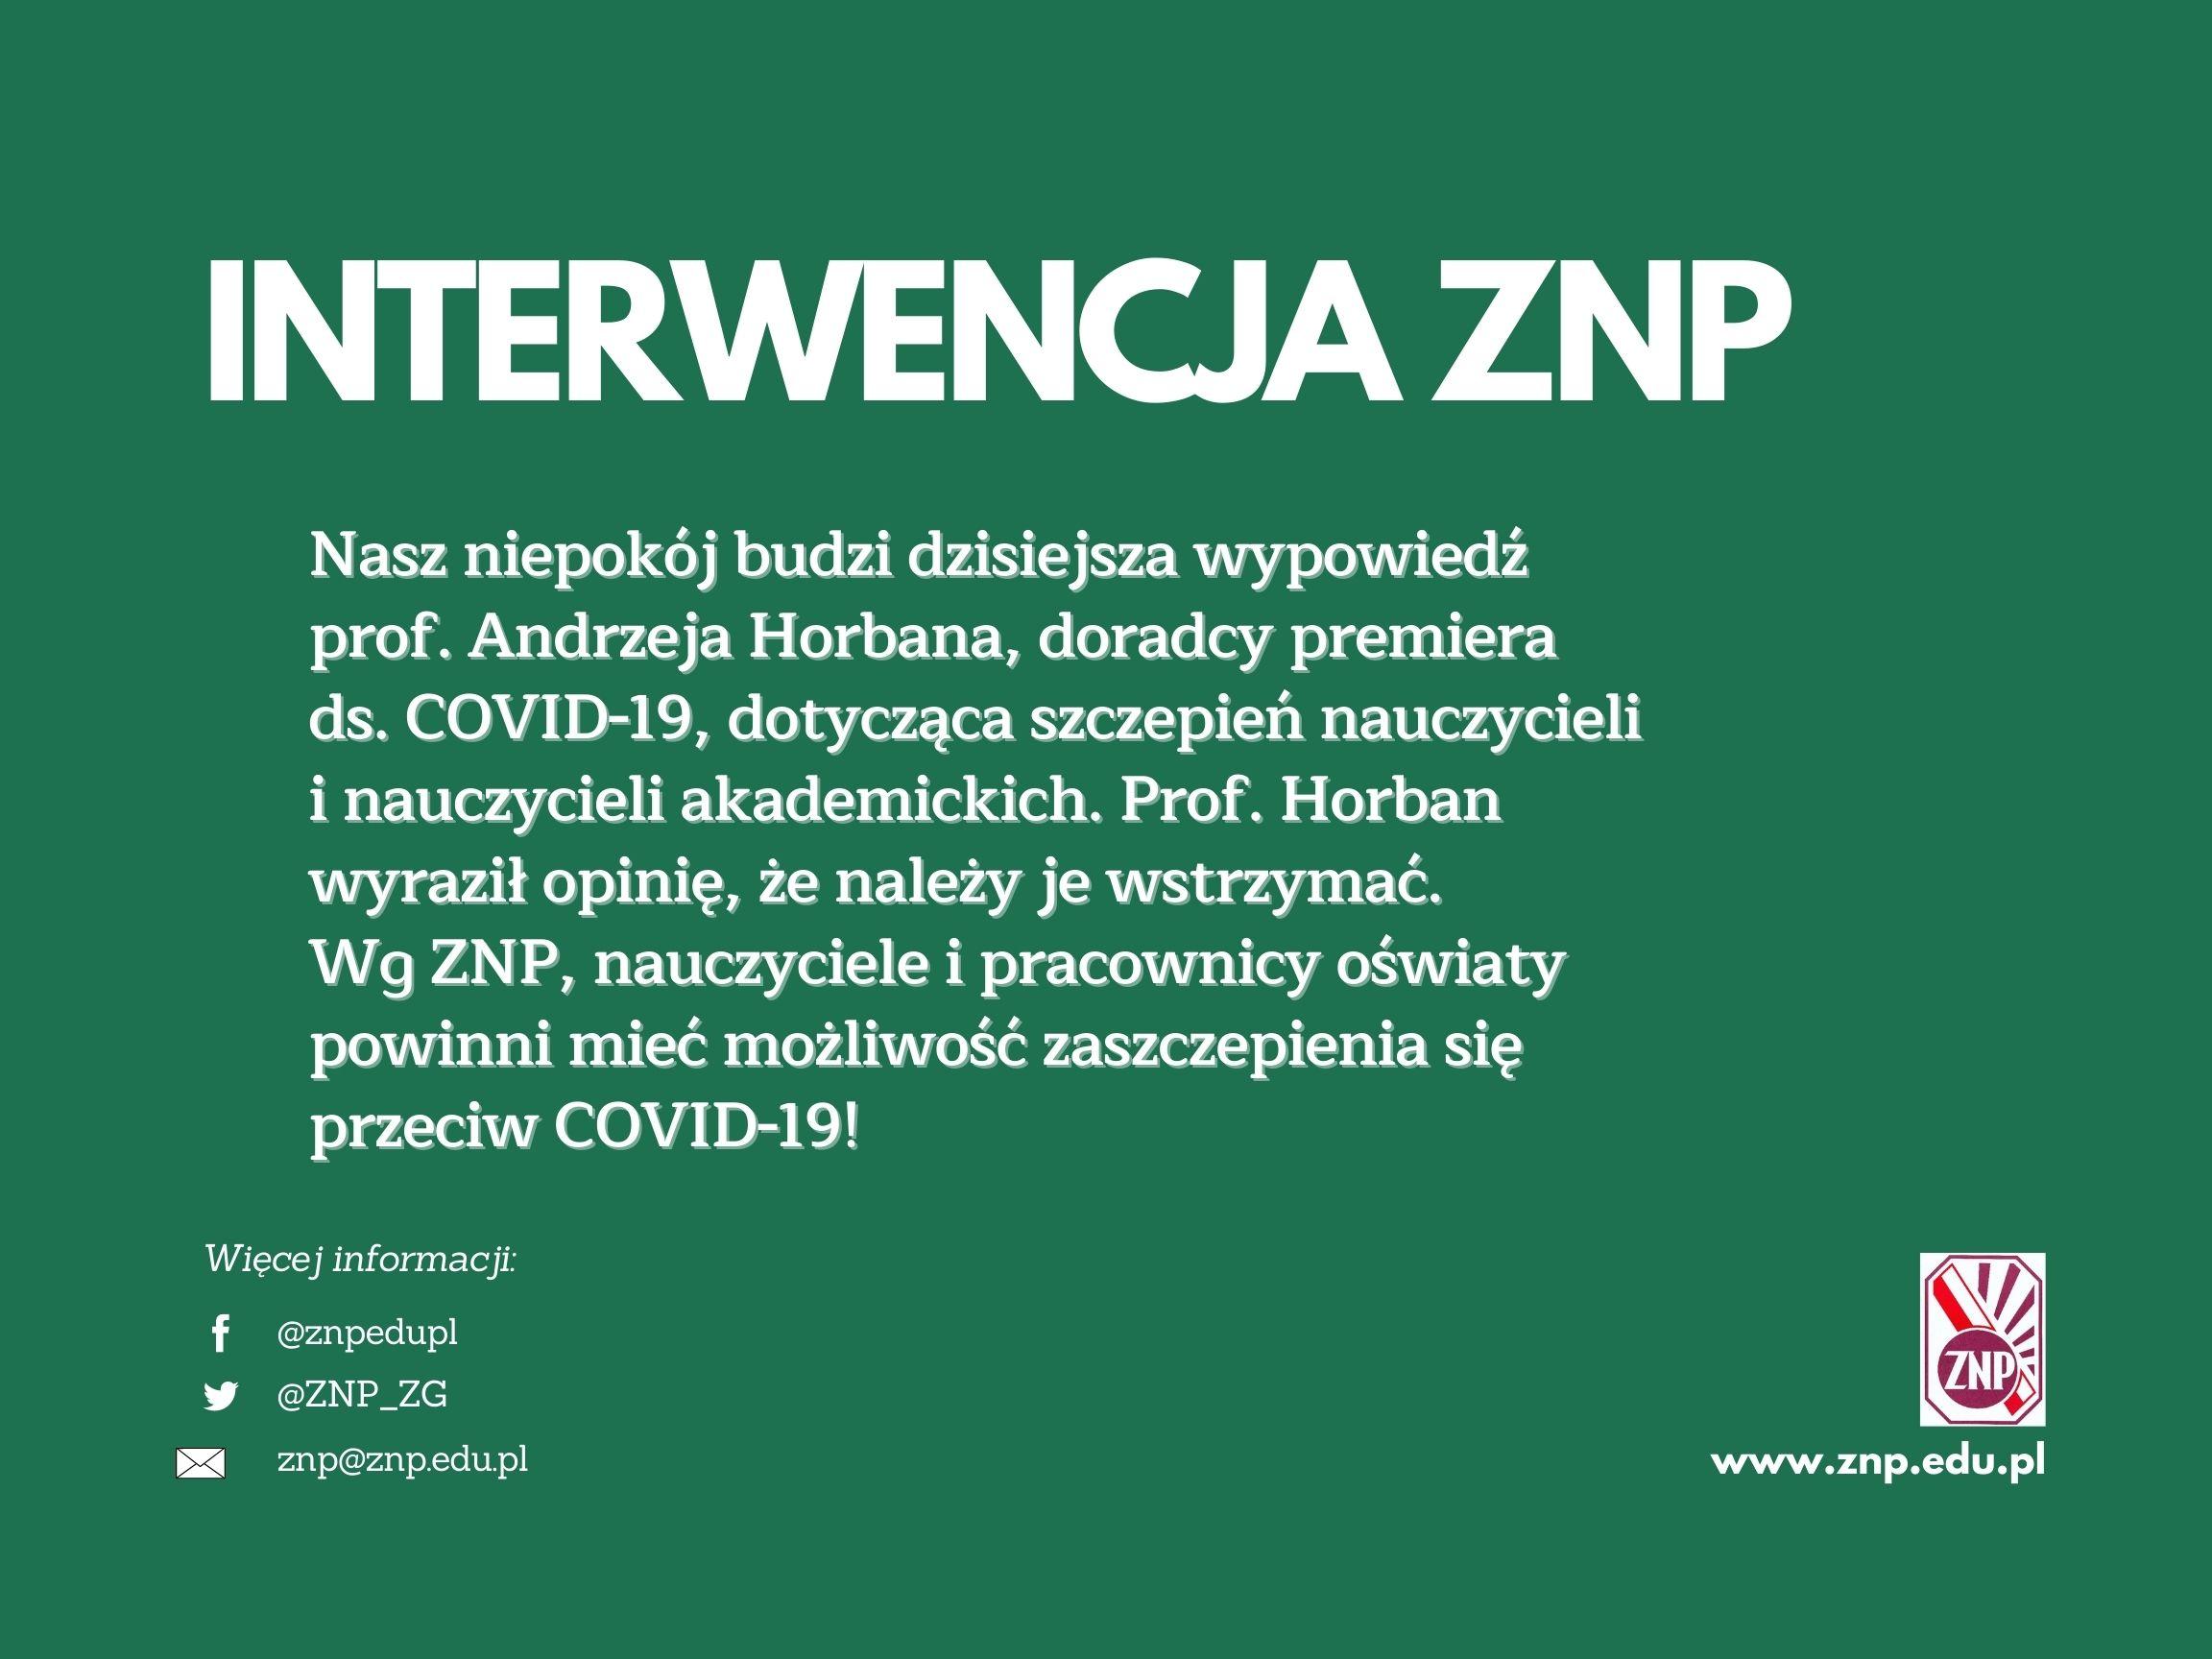 Oświadczenie ZNP w związku z decyzjami ws. szczepień